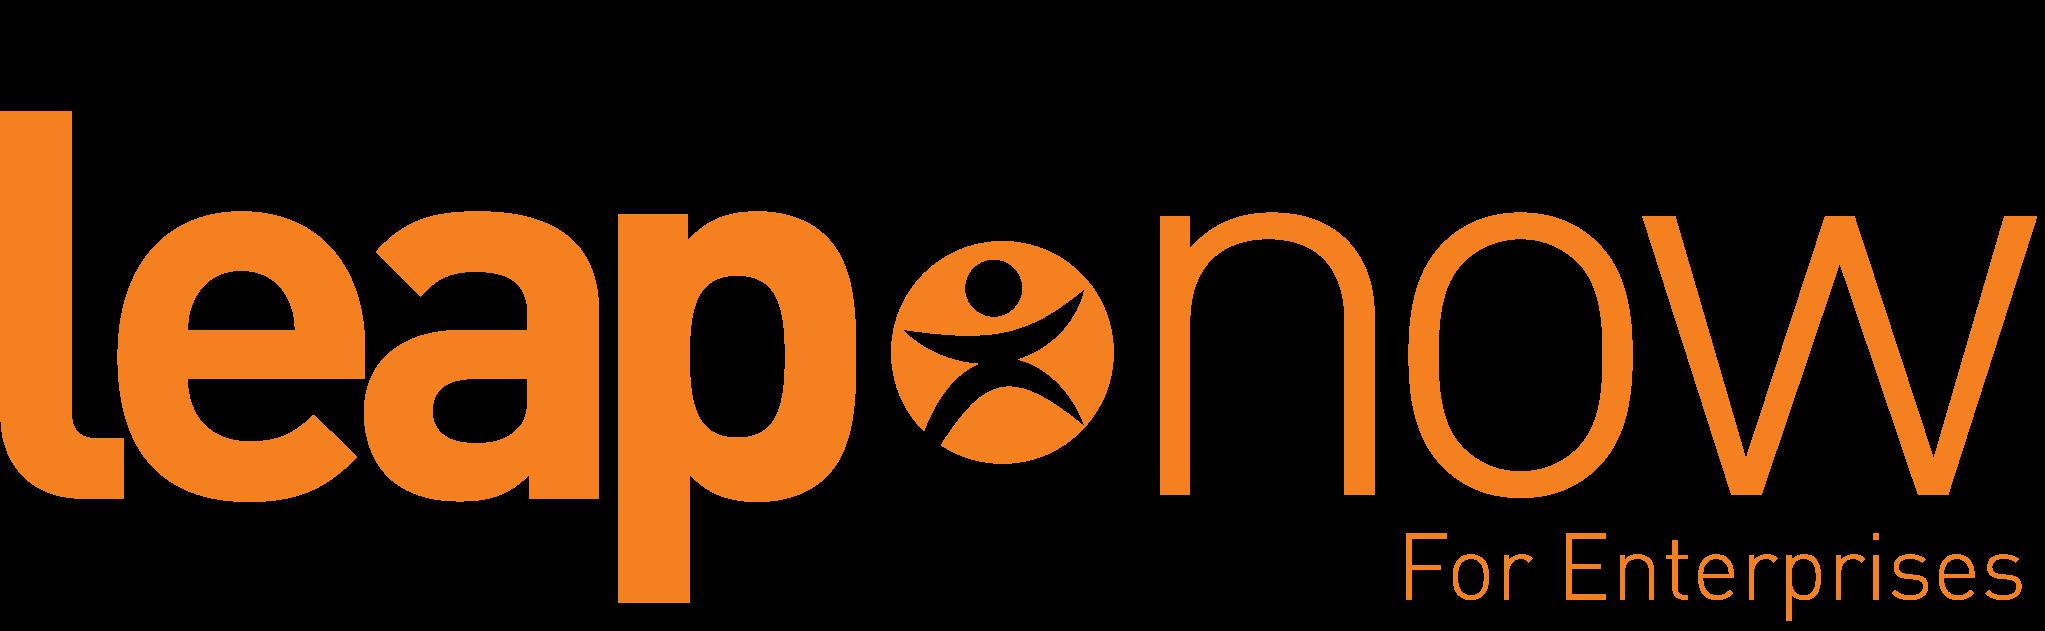 leapnow_forenterprises logo.png